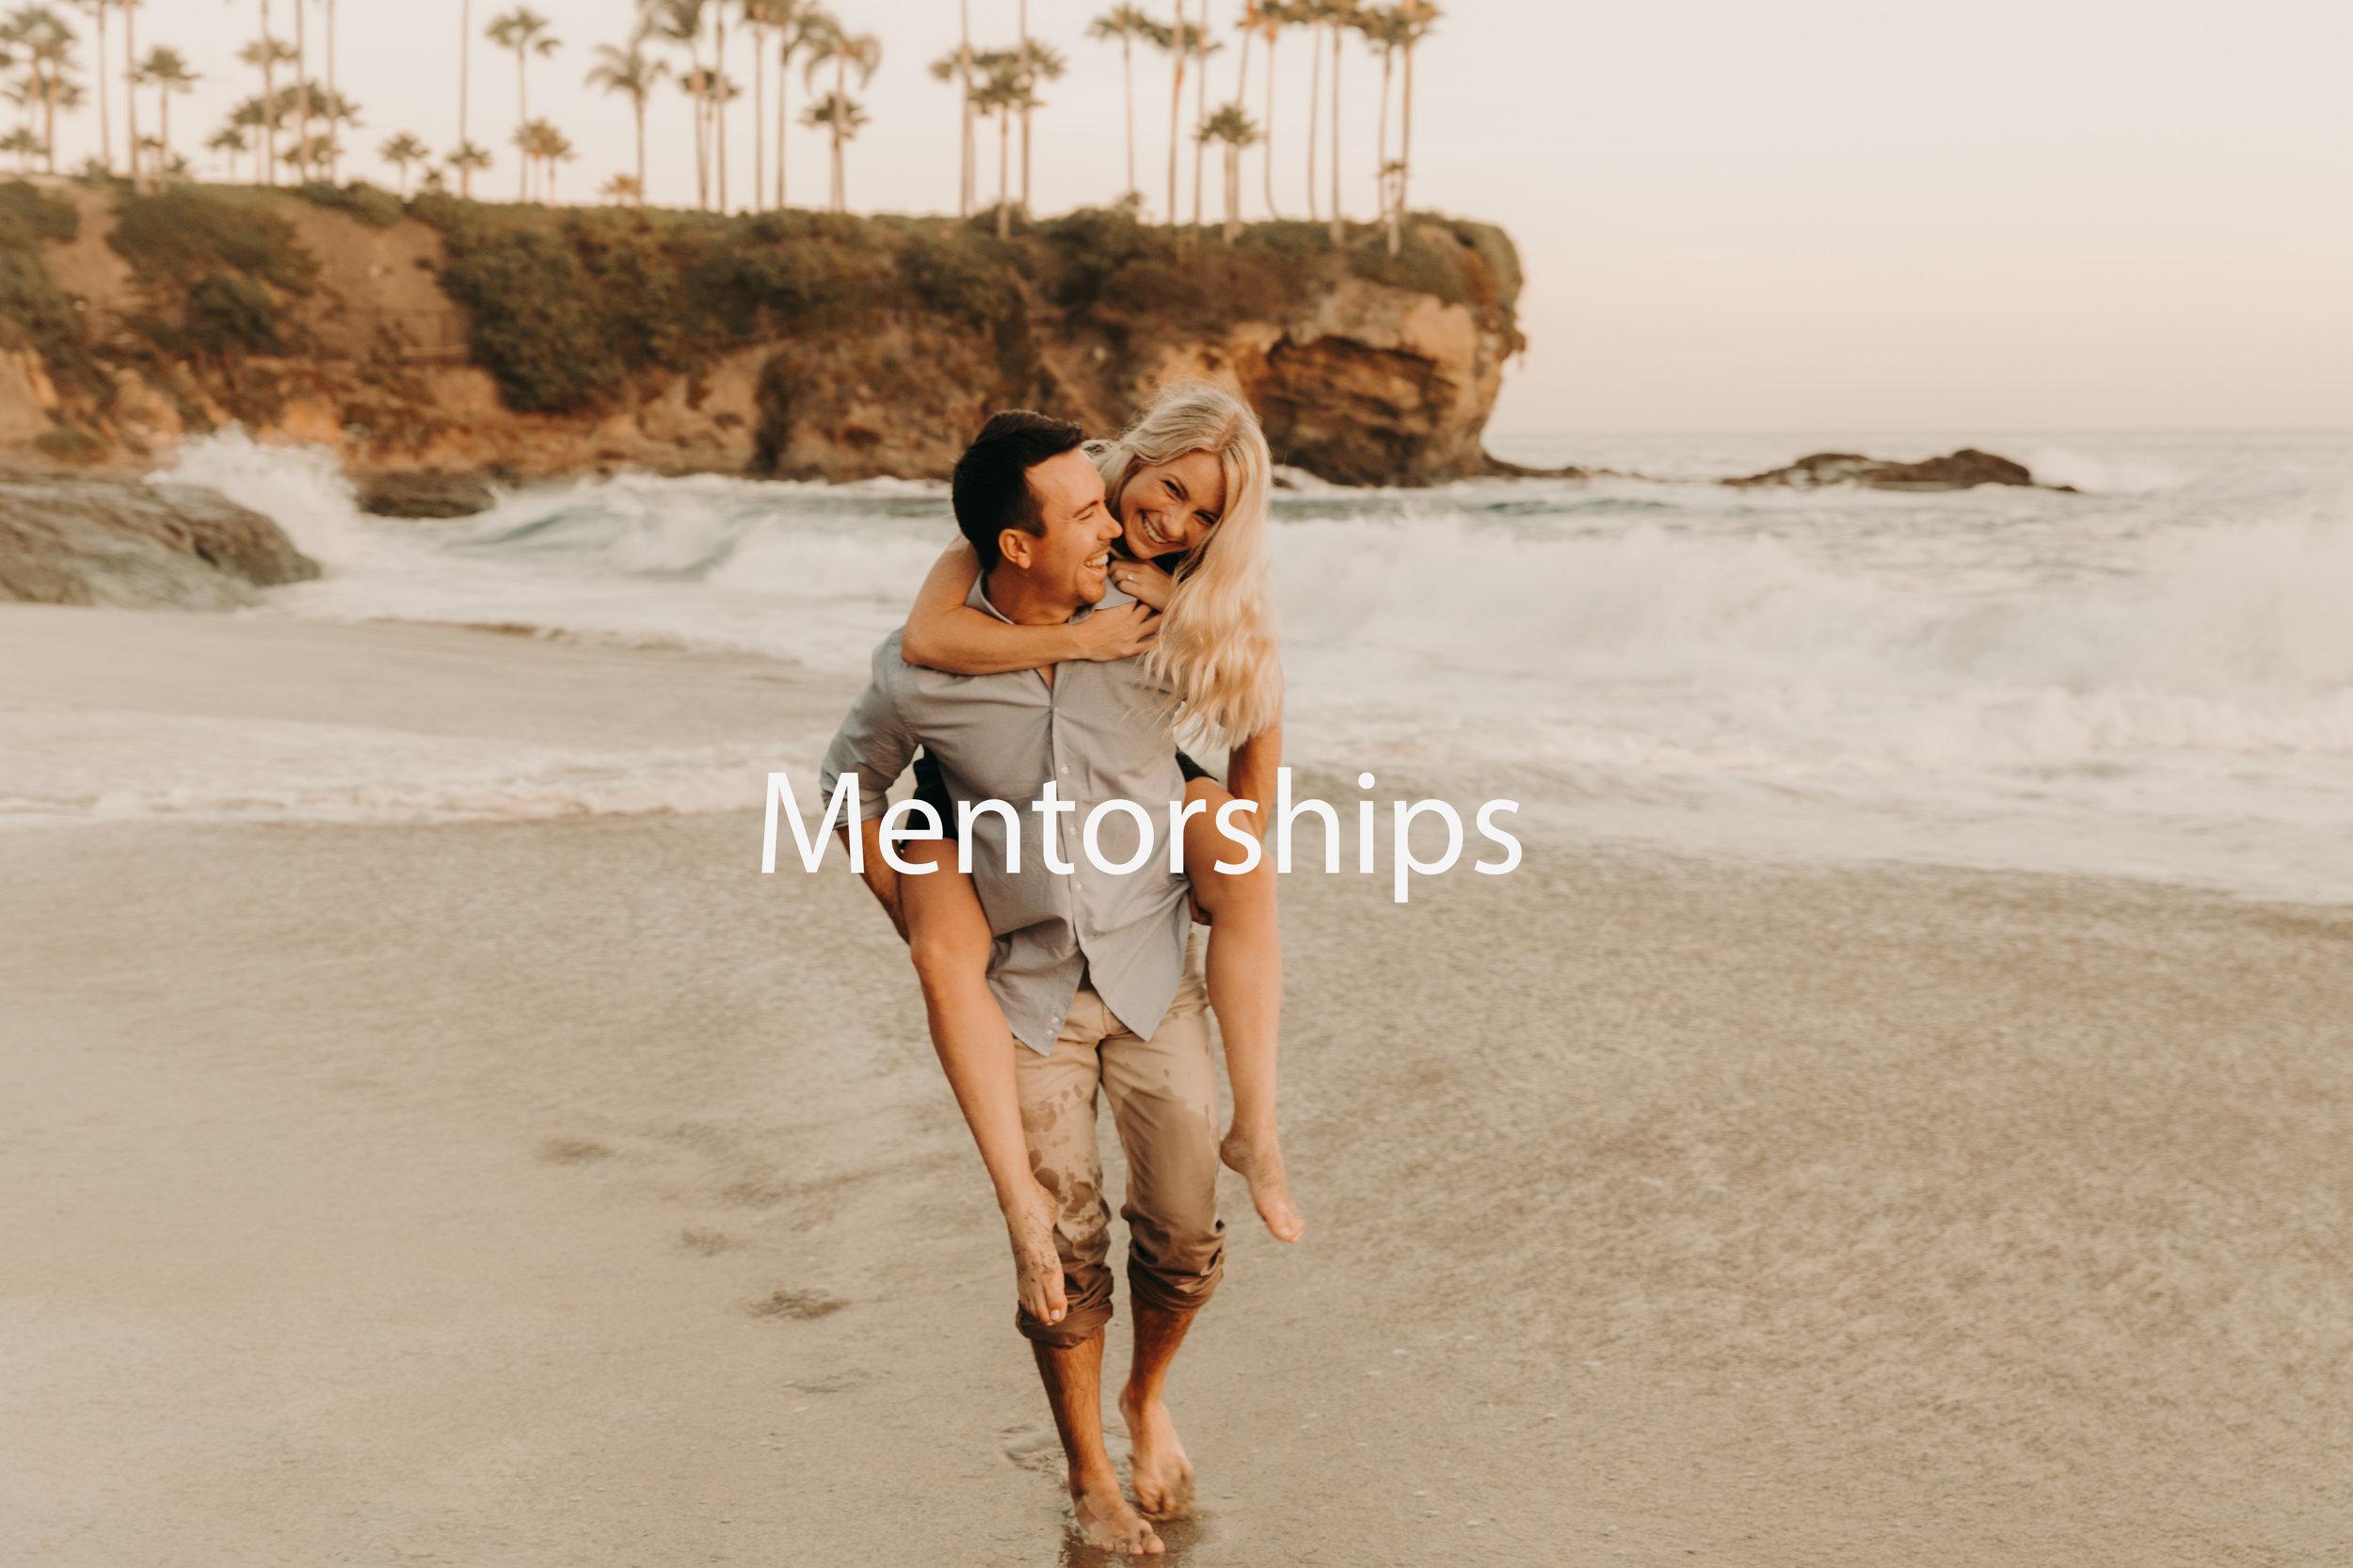 mentorships.jpg